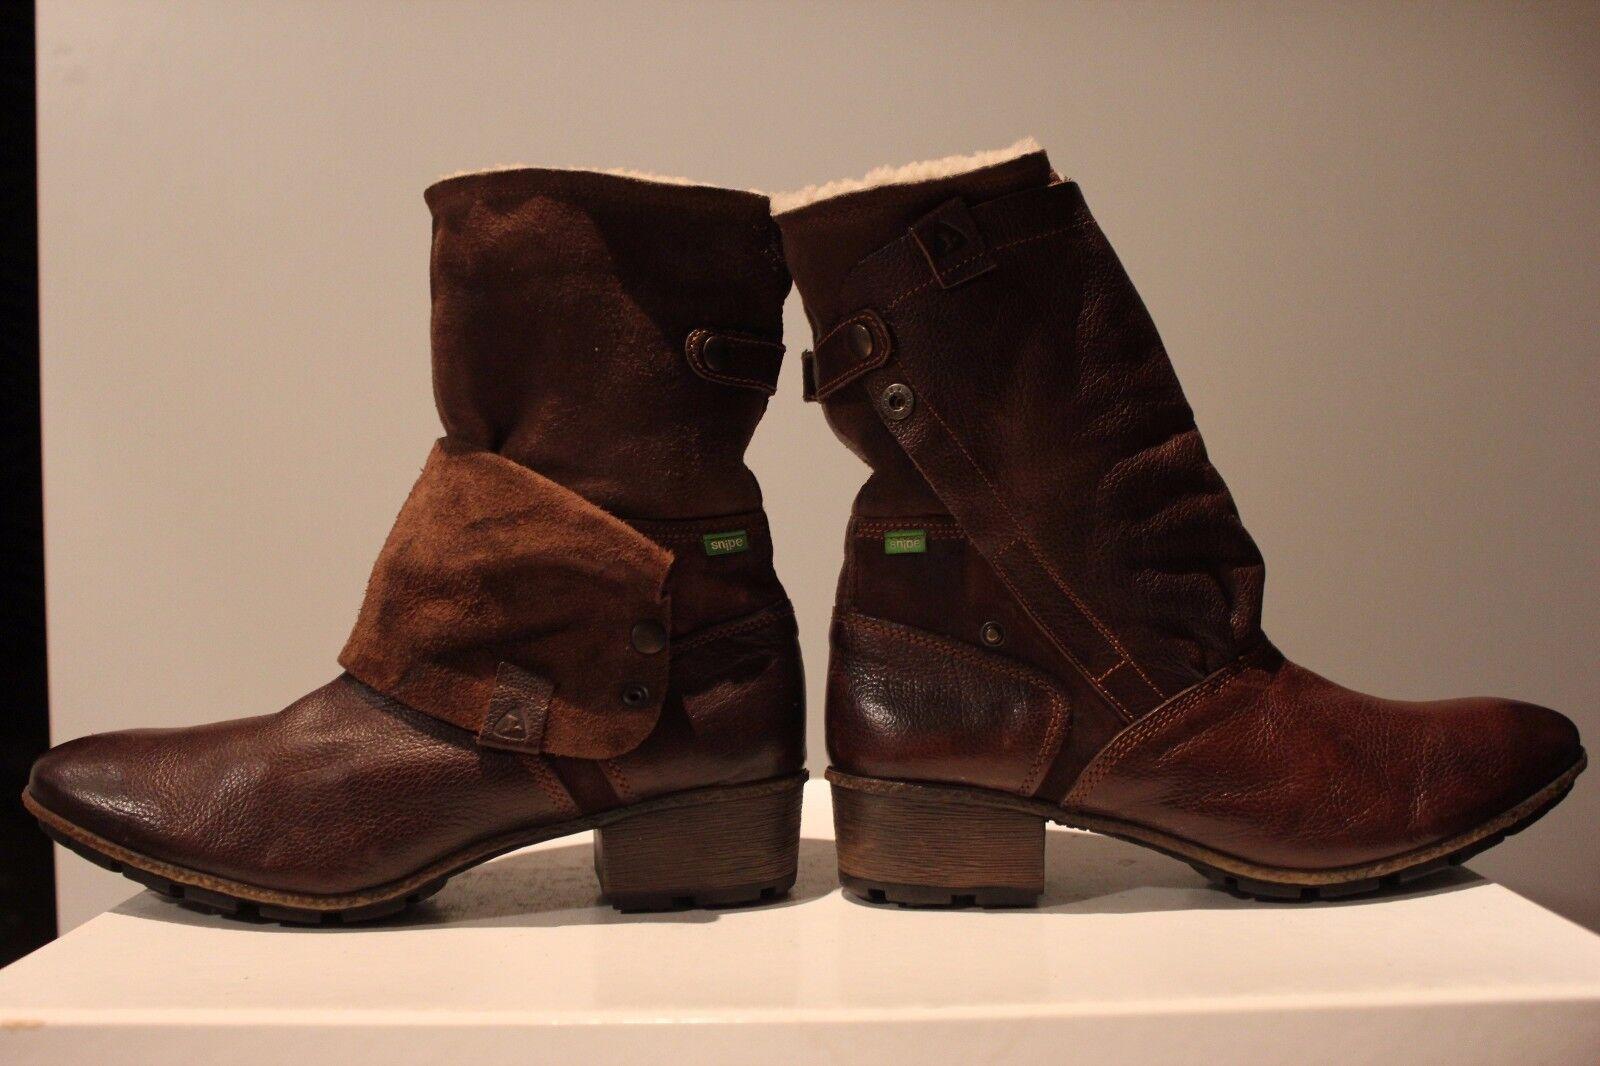 Snipe sueño marrón cuero auténtico + serraje botas con con con piel, talla 42, impecable 906a85